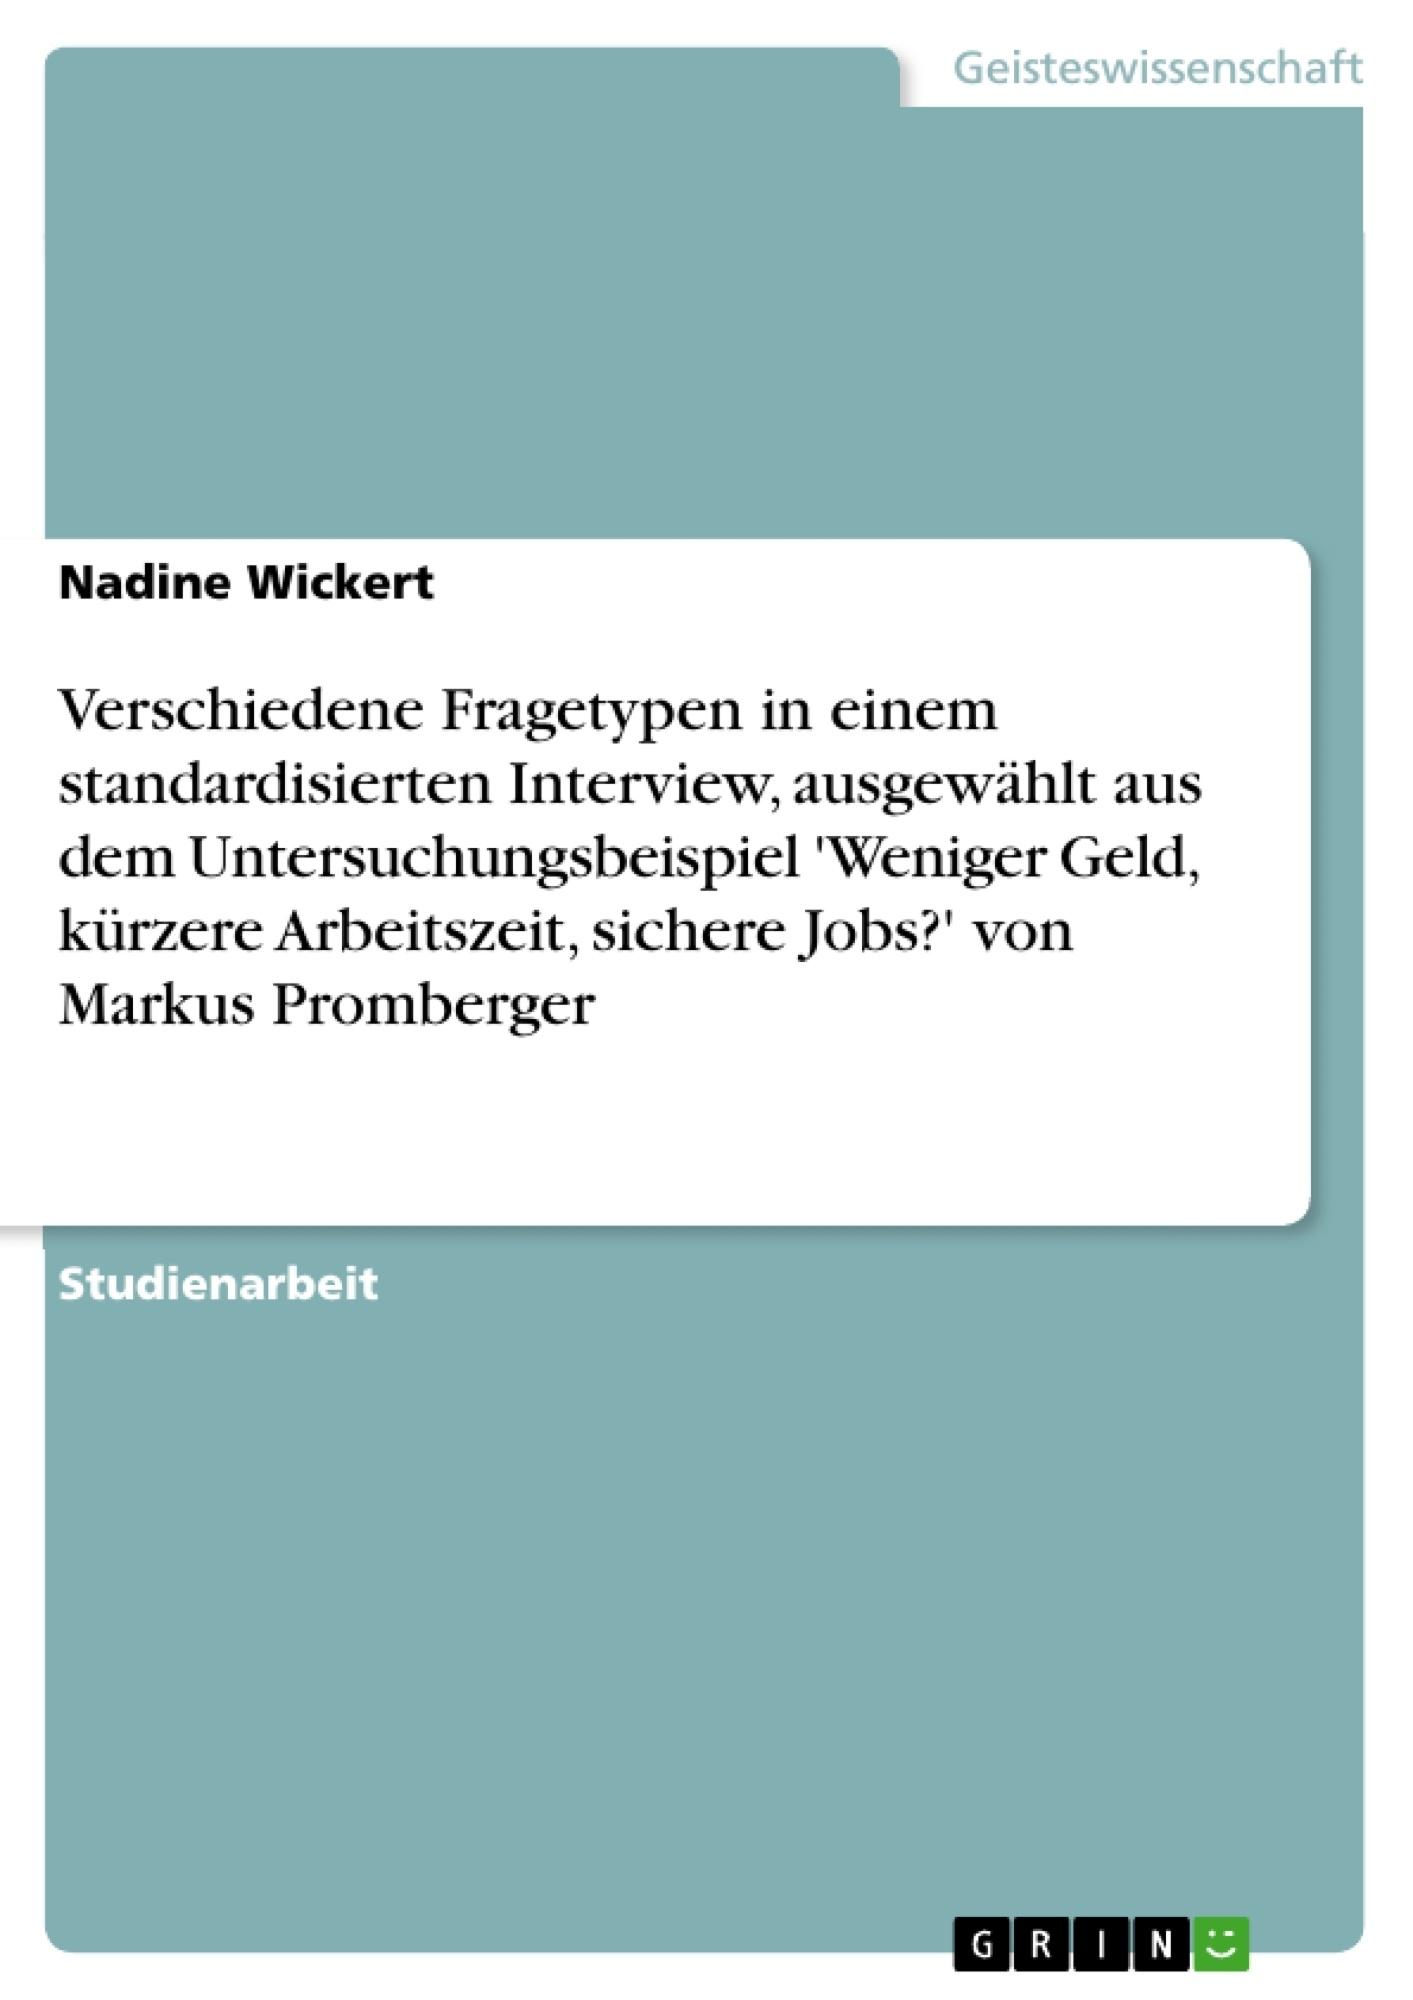 Titel: Verschiedene Fragetypen in einem standardisierten Interview, ausgewählt aus dem Untersuchungsbeispiel 'Weniger Geld, kürzere Arbeitszeit, sichere Jobs?' von Markus Promberger